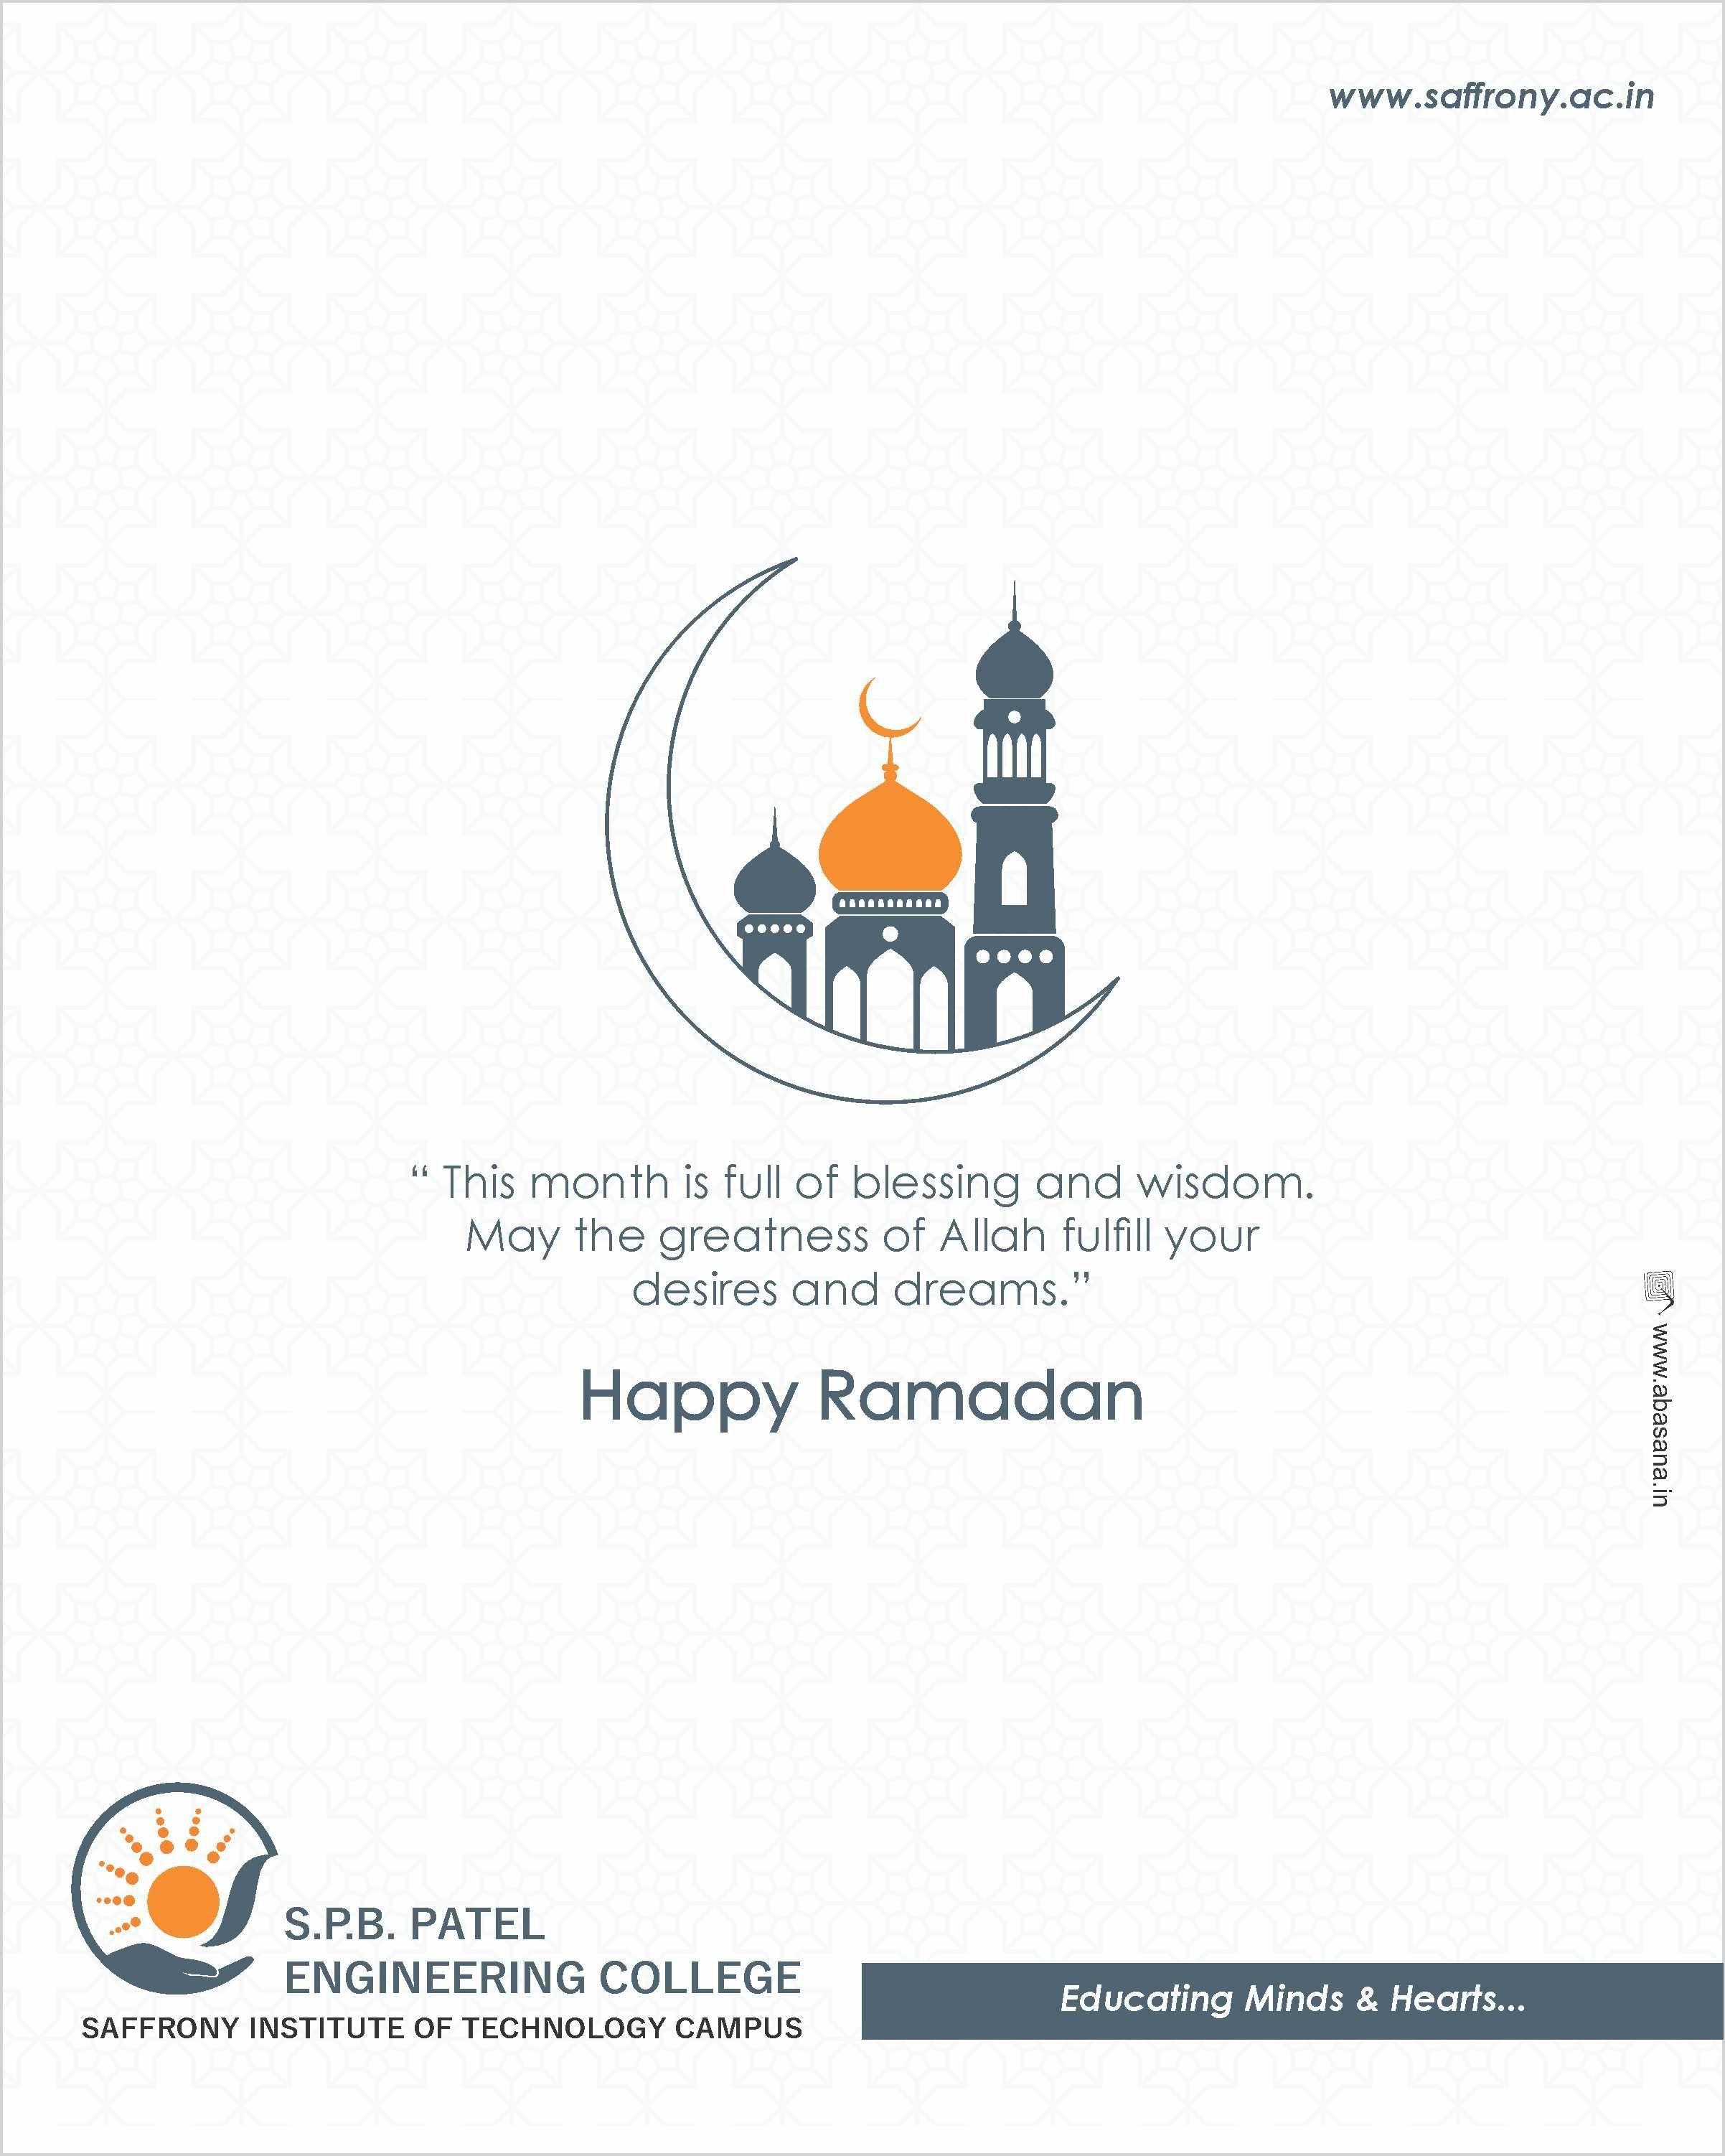 Eid Poster Design Google Search Eid Mubarak Greetings Eid